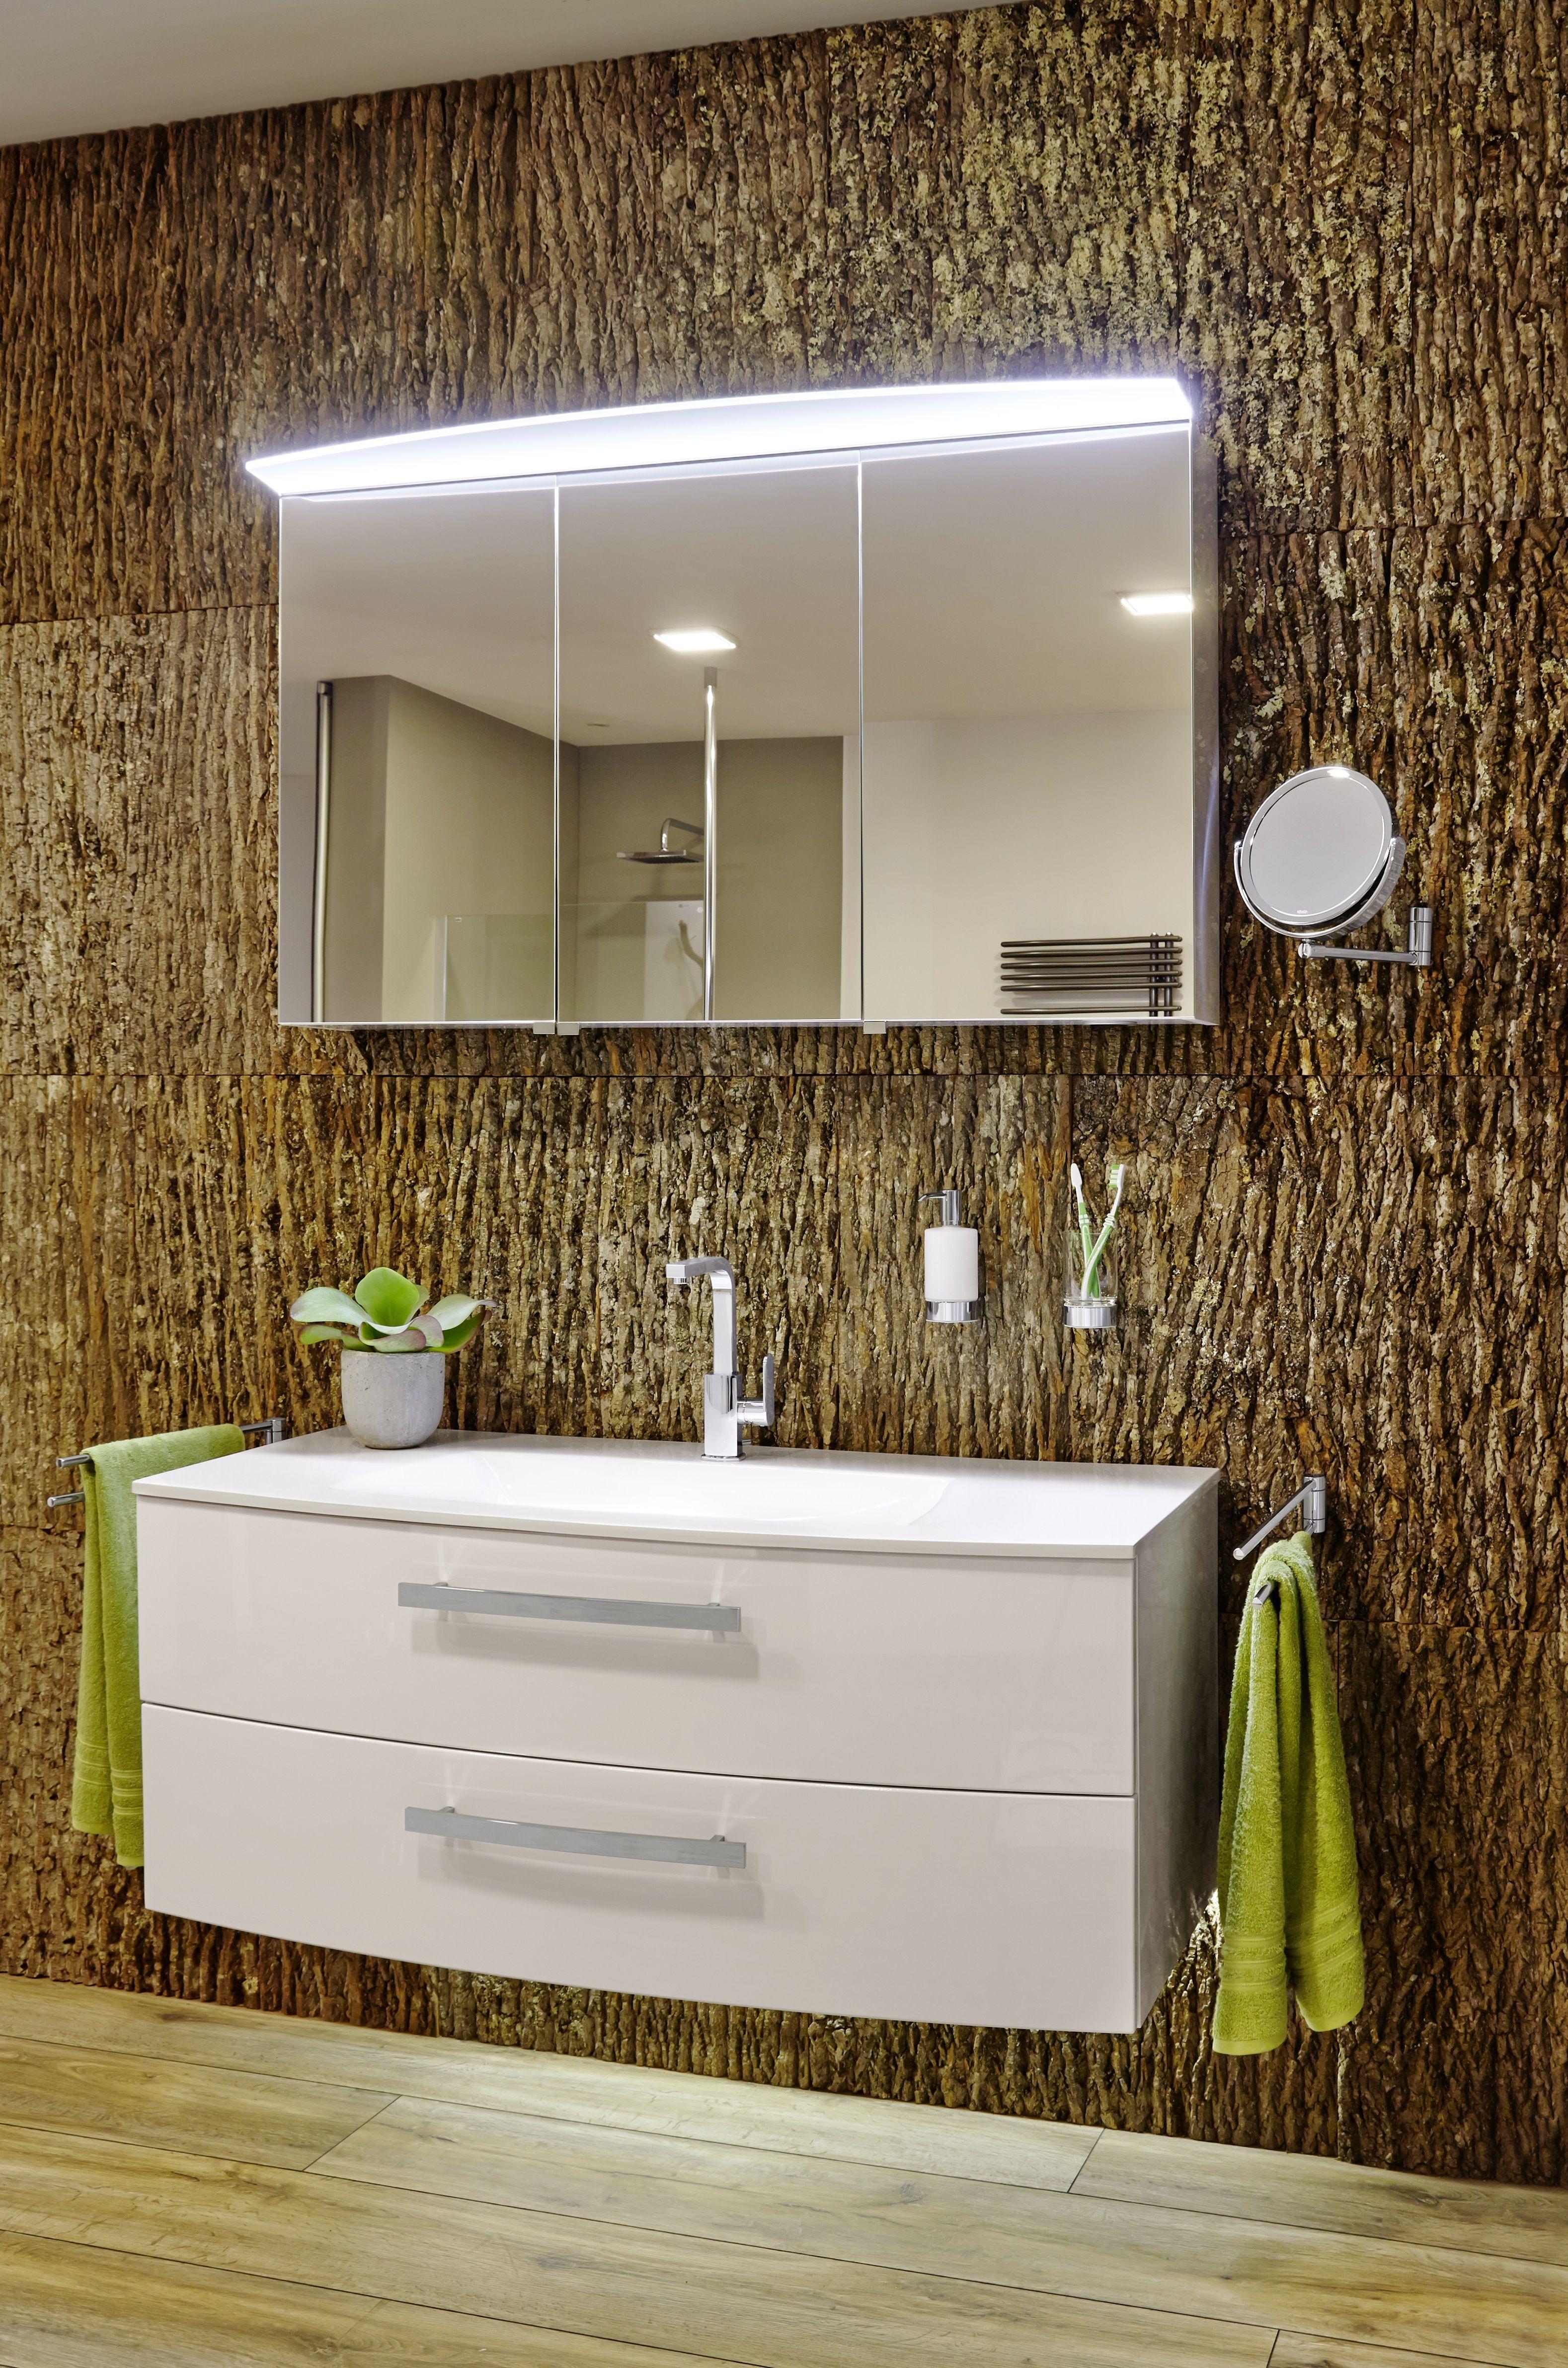 Uber Dem Waschplatz Montiert Bietet Ein Spiegelschrank Ausreichend Raum Fur Alle Kosmetikartikel Die Am Waschtisch Greifb Led Licht Spiegelschrank Lichtstarke